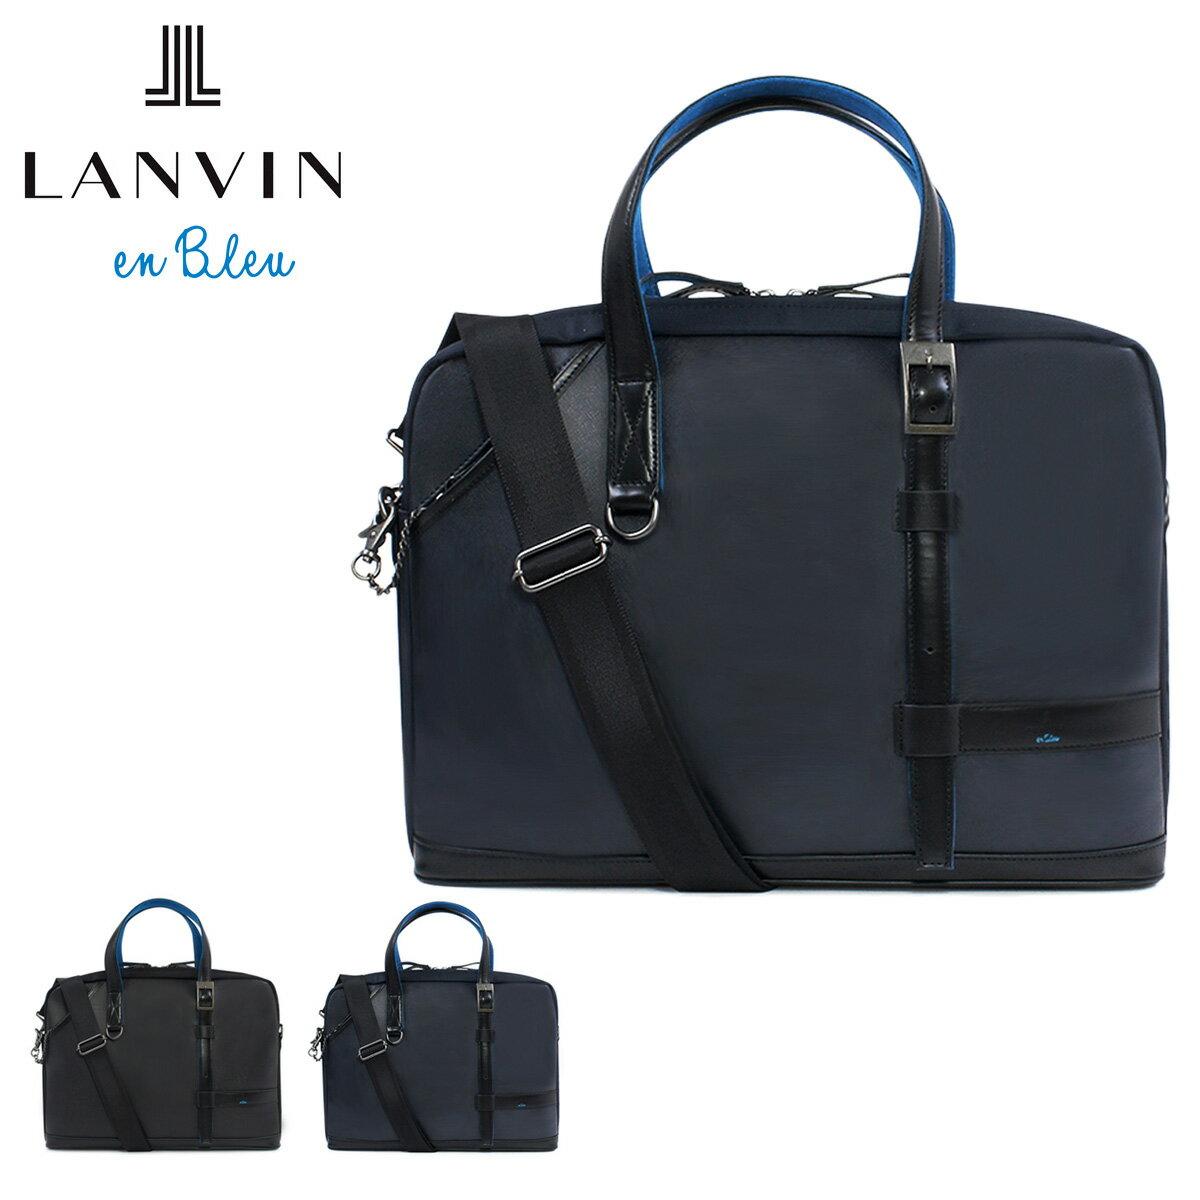 ランバン オン ブルー バッグ LANVIN en Bleu ブリーフケース 572501 パラドックス ランバンオンブルー 2WAY ショルダーバッグ ビジネスバッグ トートバッグ ビジネストート メンズ